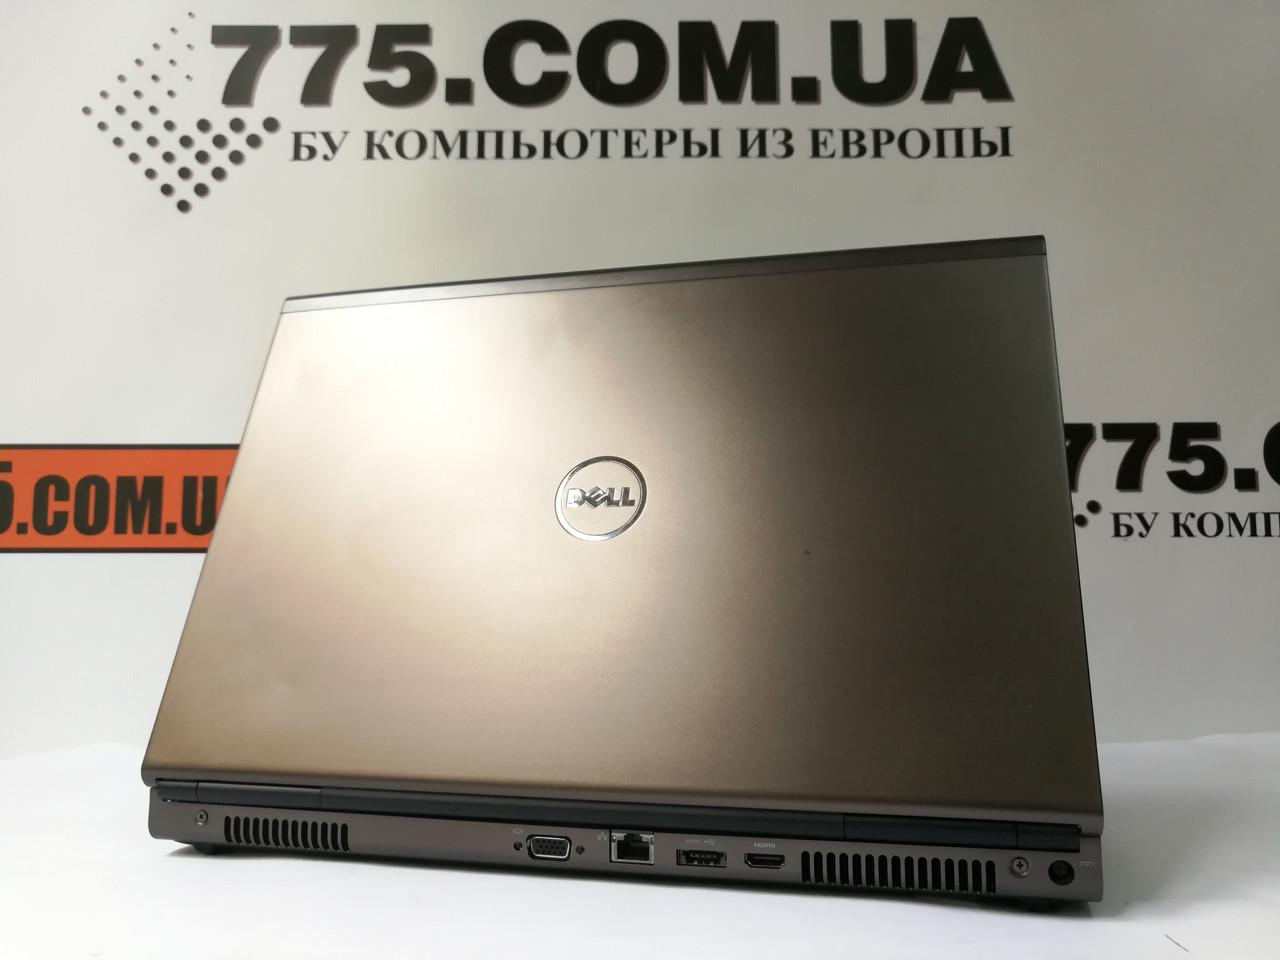 """Ноутбук Dell M4600, 15.6"""" (1920x1080), Core i7-2720QM 3.3GHz, RAM 8ГБ, SSD 240ГБ, NVIDIA Quadro 2GB, класс """"В"""""""